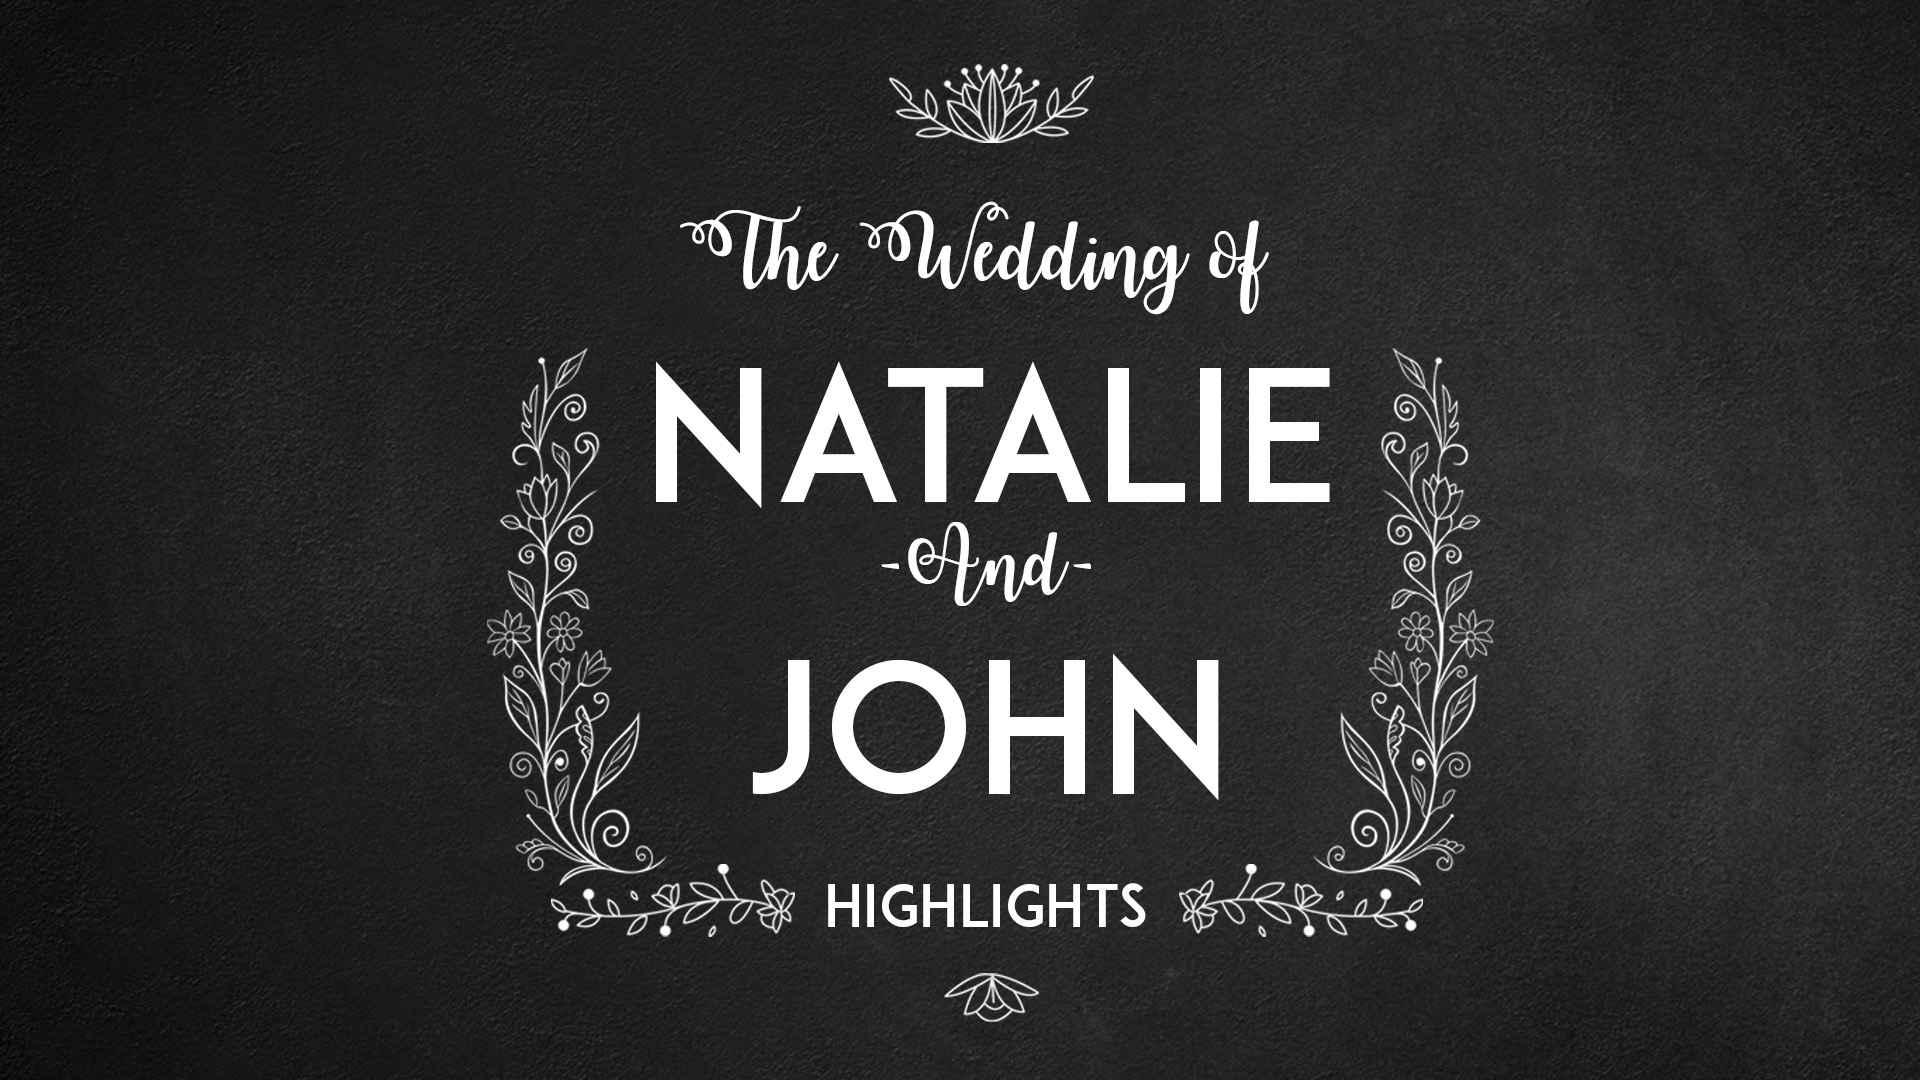 Natalie & John Highlights